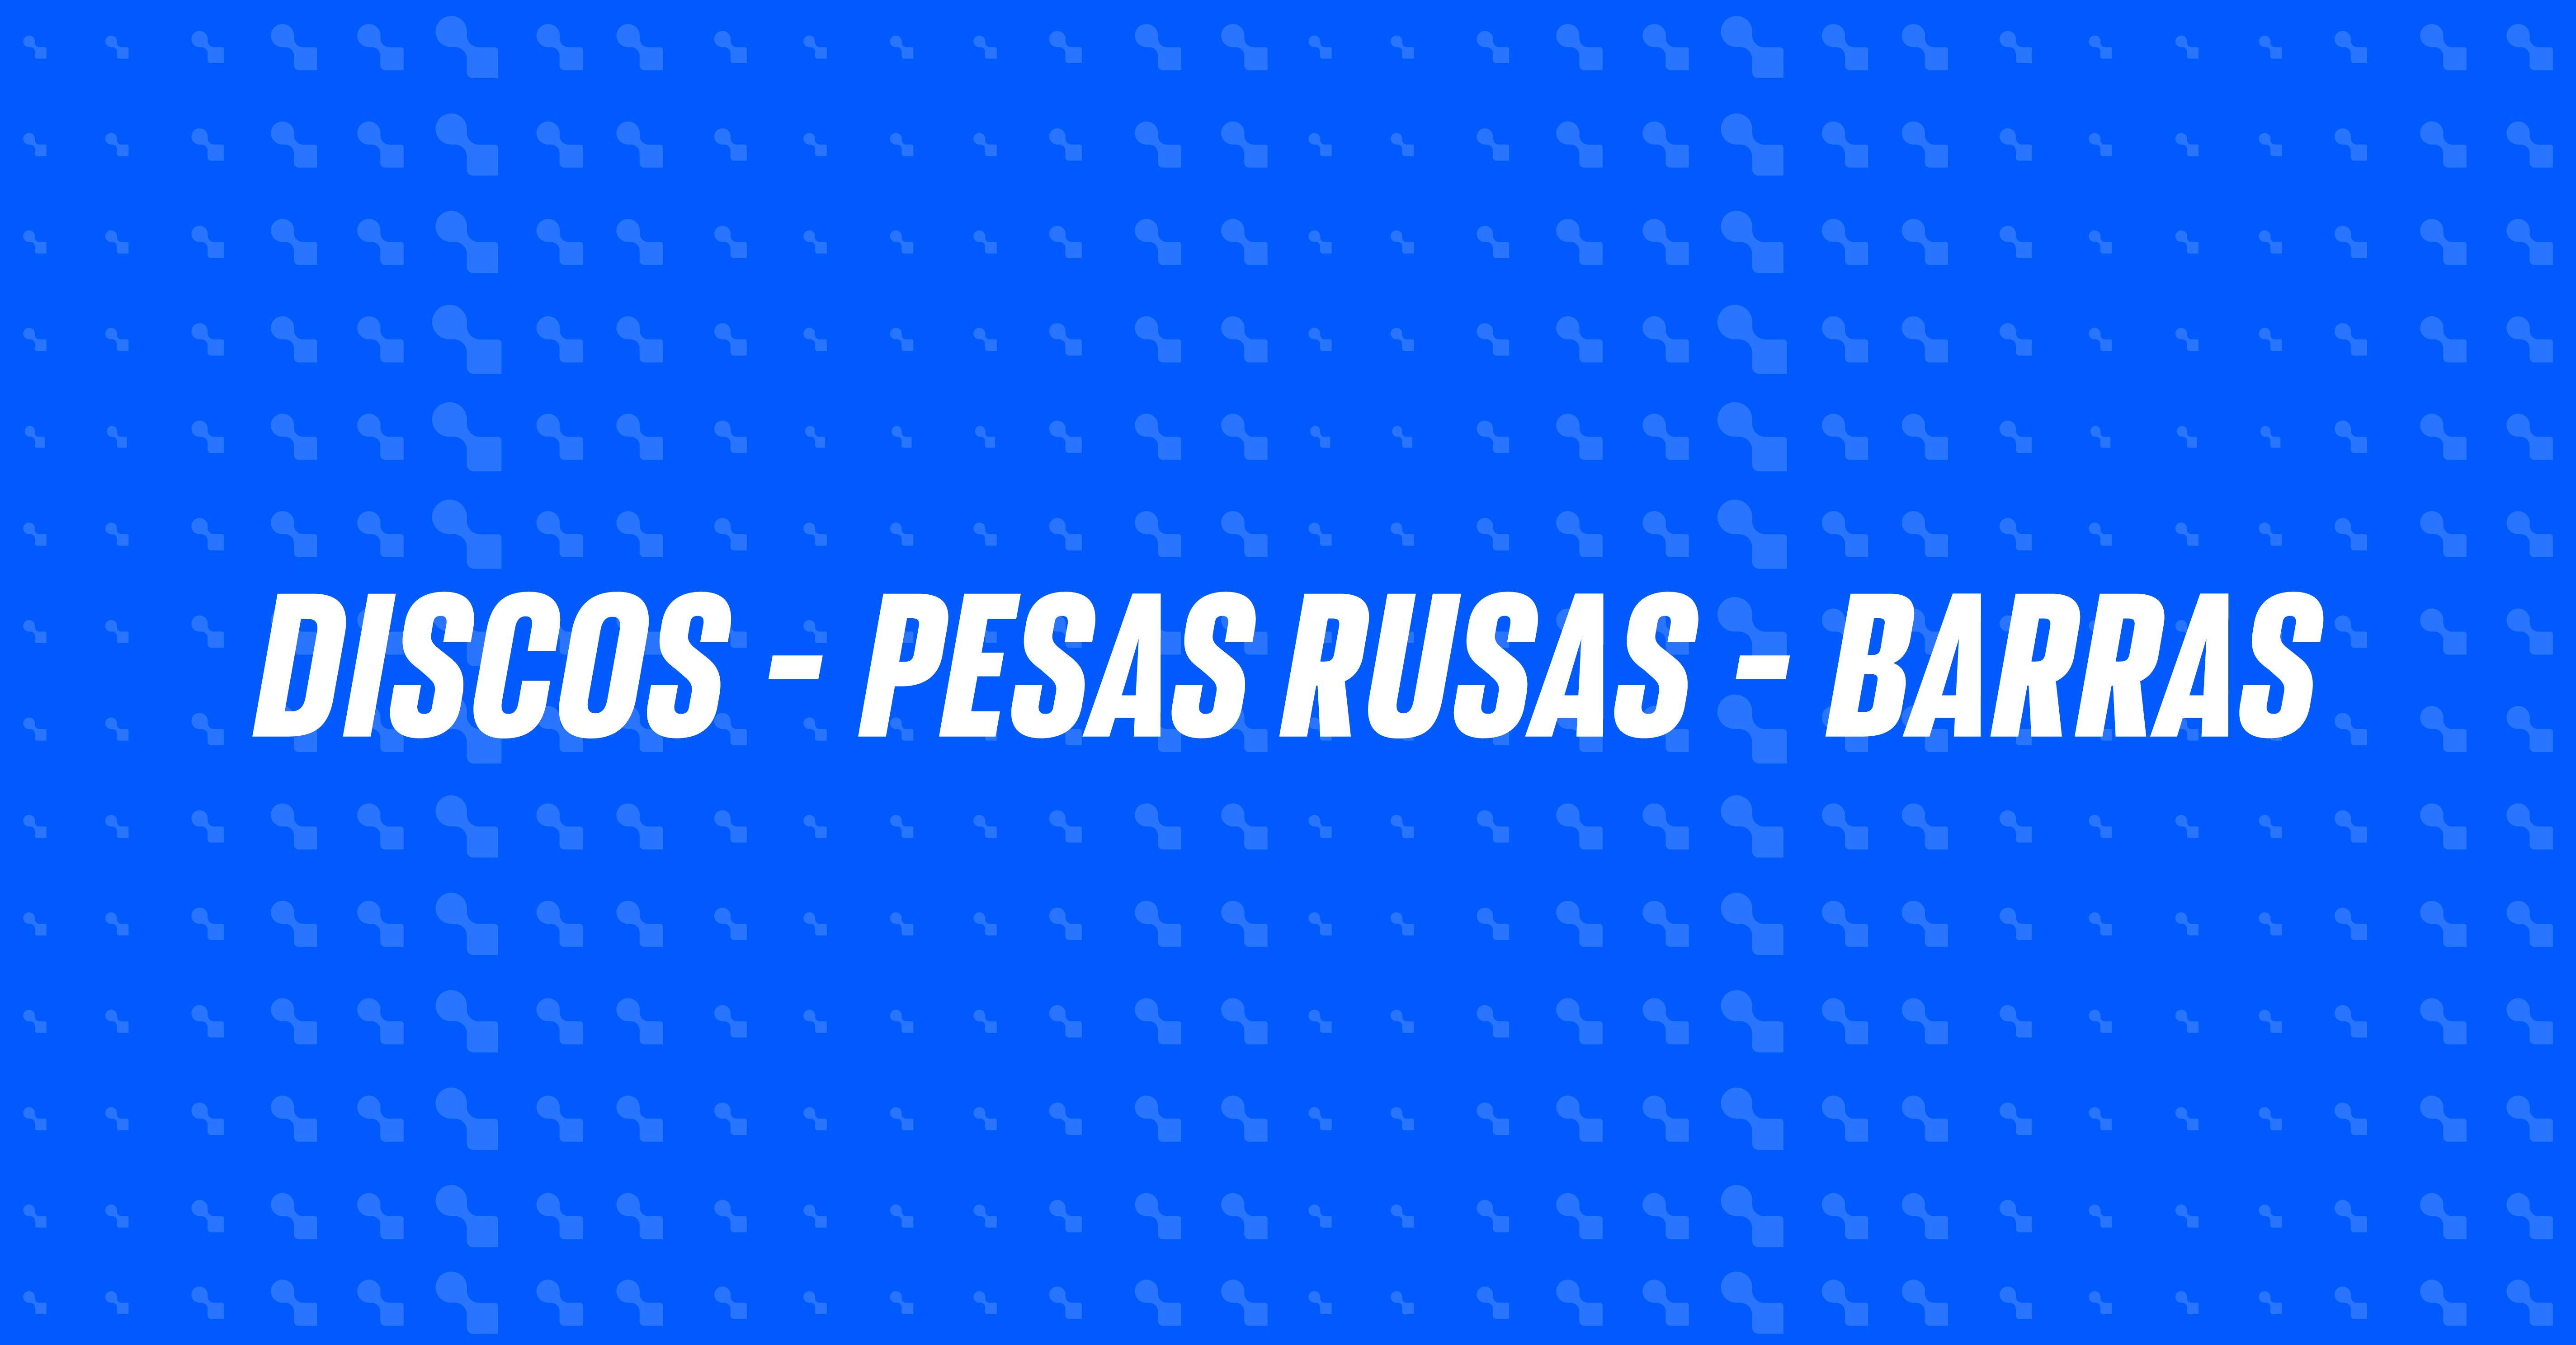 Discos - Barras & Pesas Rusas